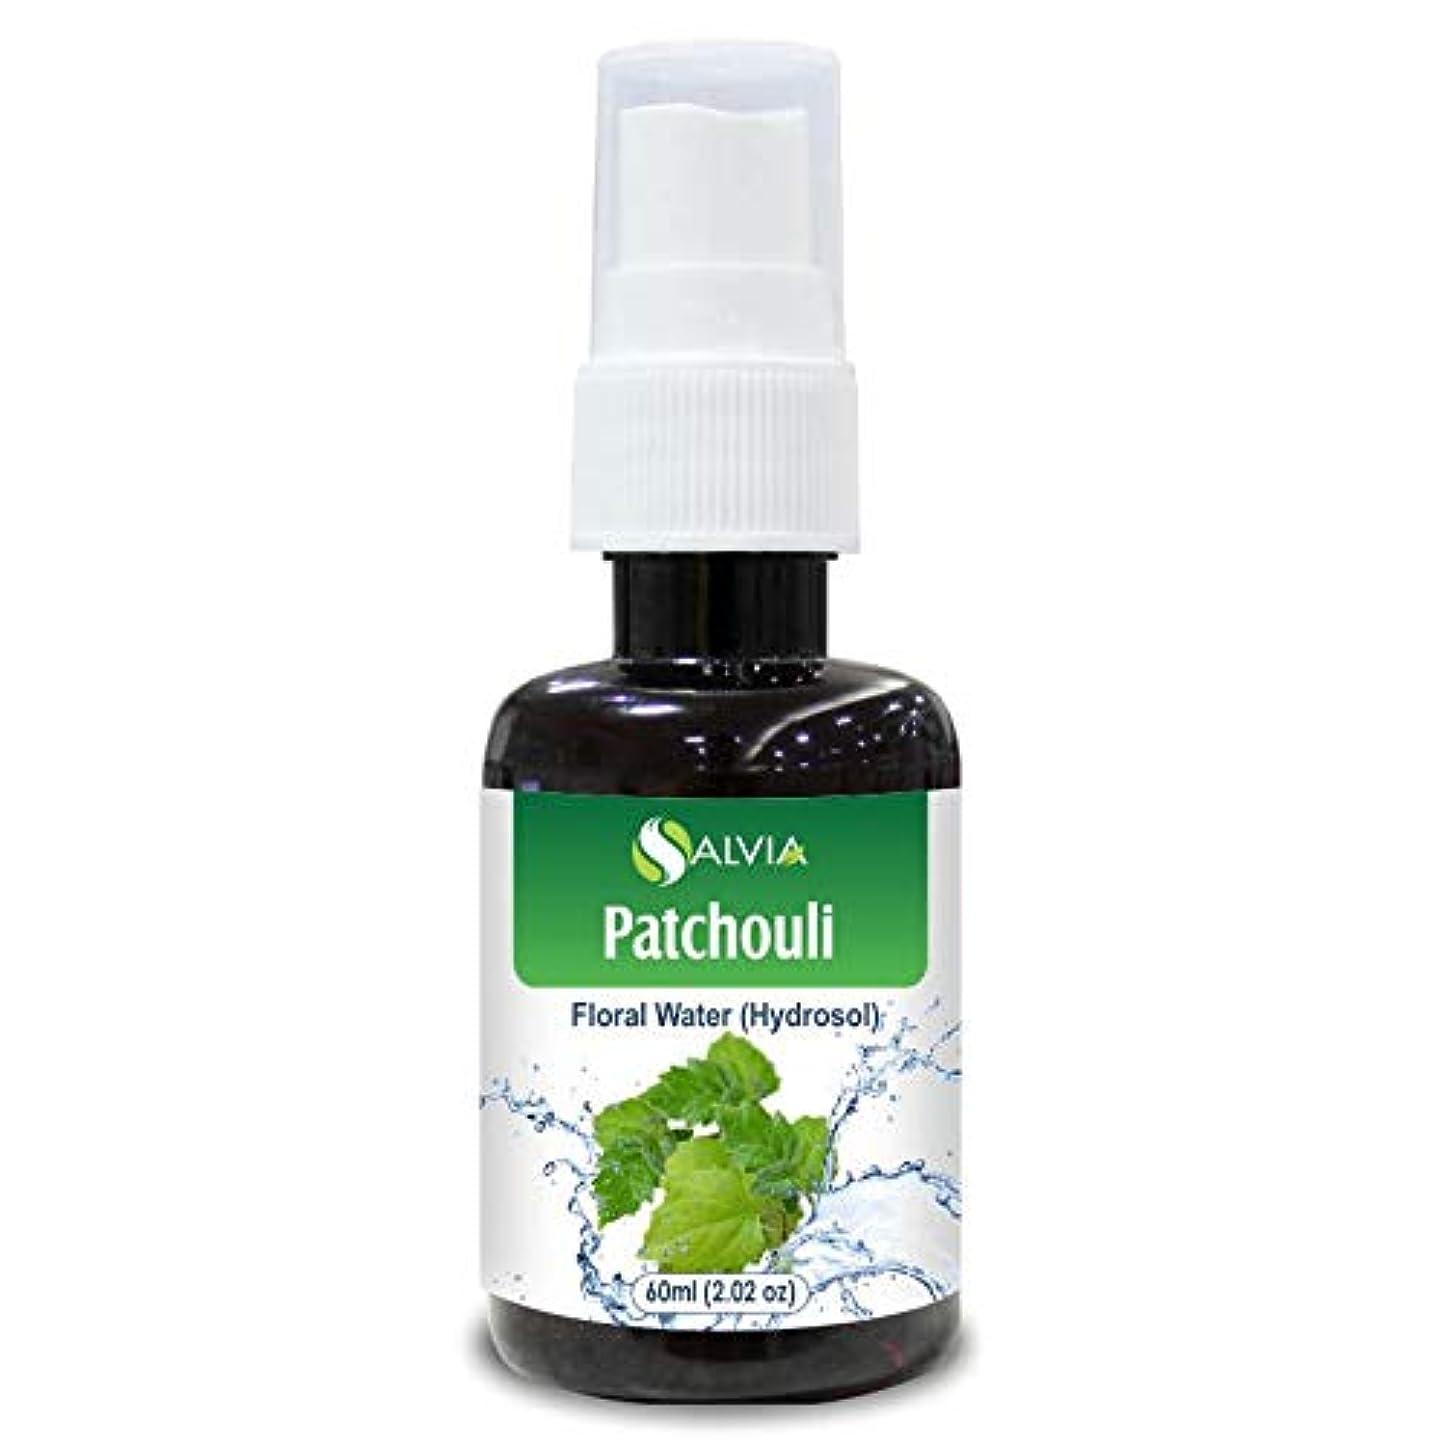 分析する比率ふざけたPatchouli Floral Water 60ml (Hydrosol) 100% Pure And Natural